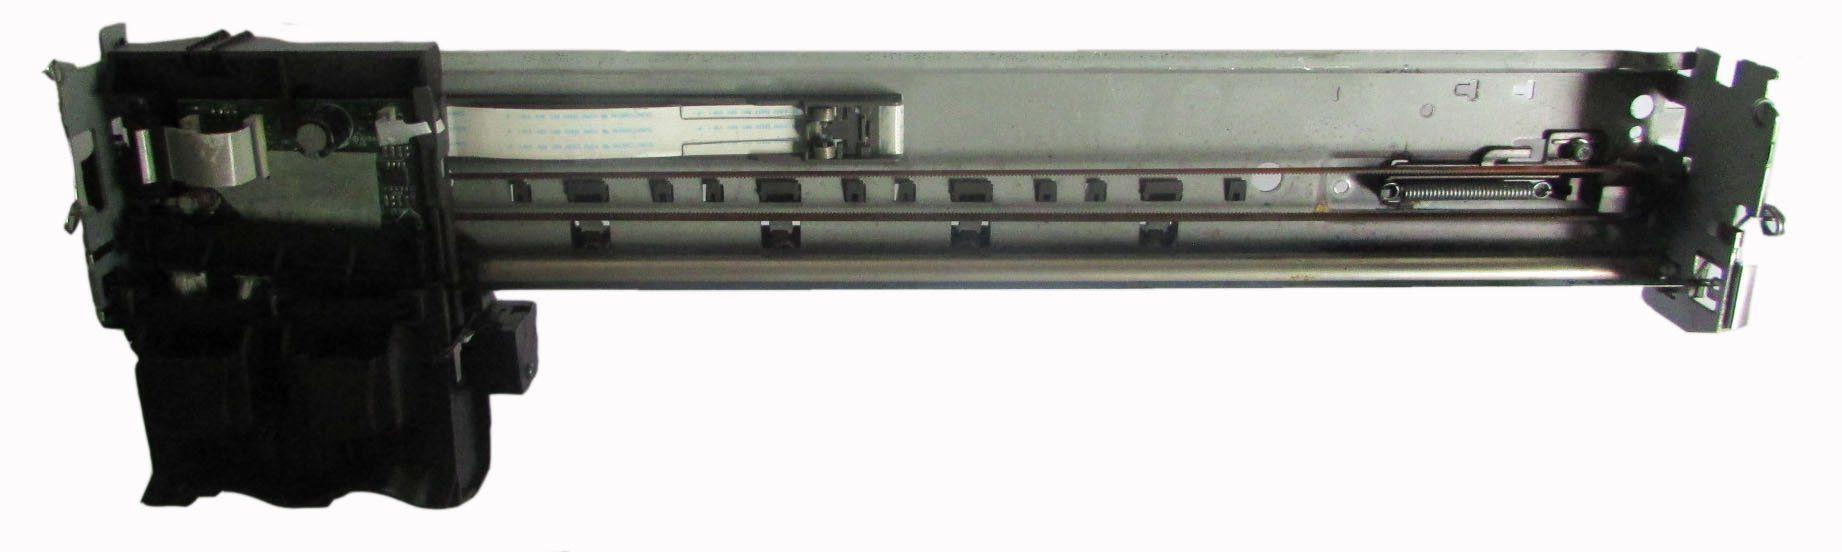 Carro De Impressão Completo Para Hp C5280 (semi novo)